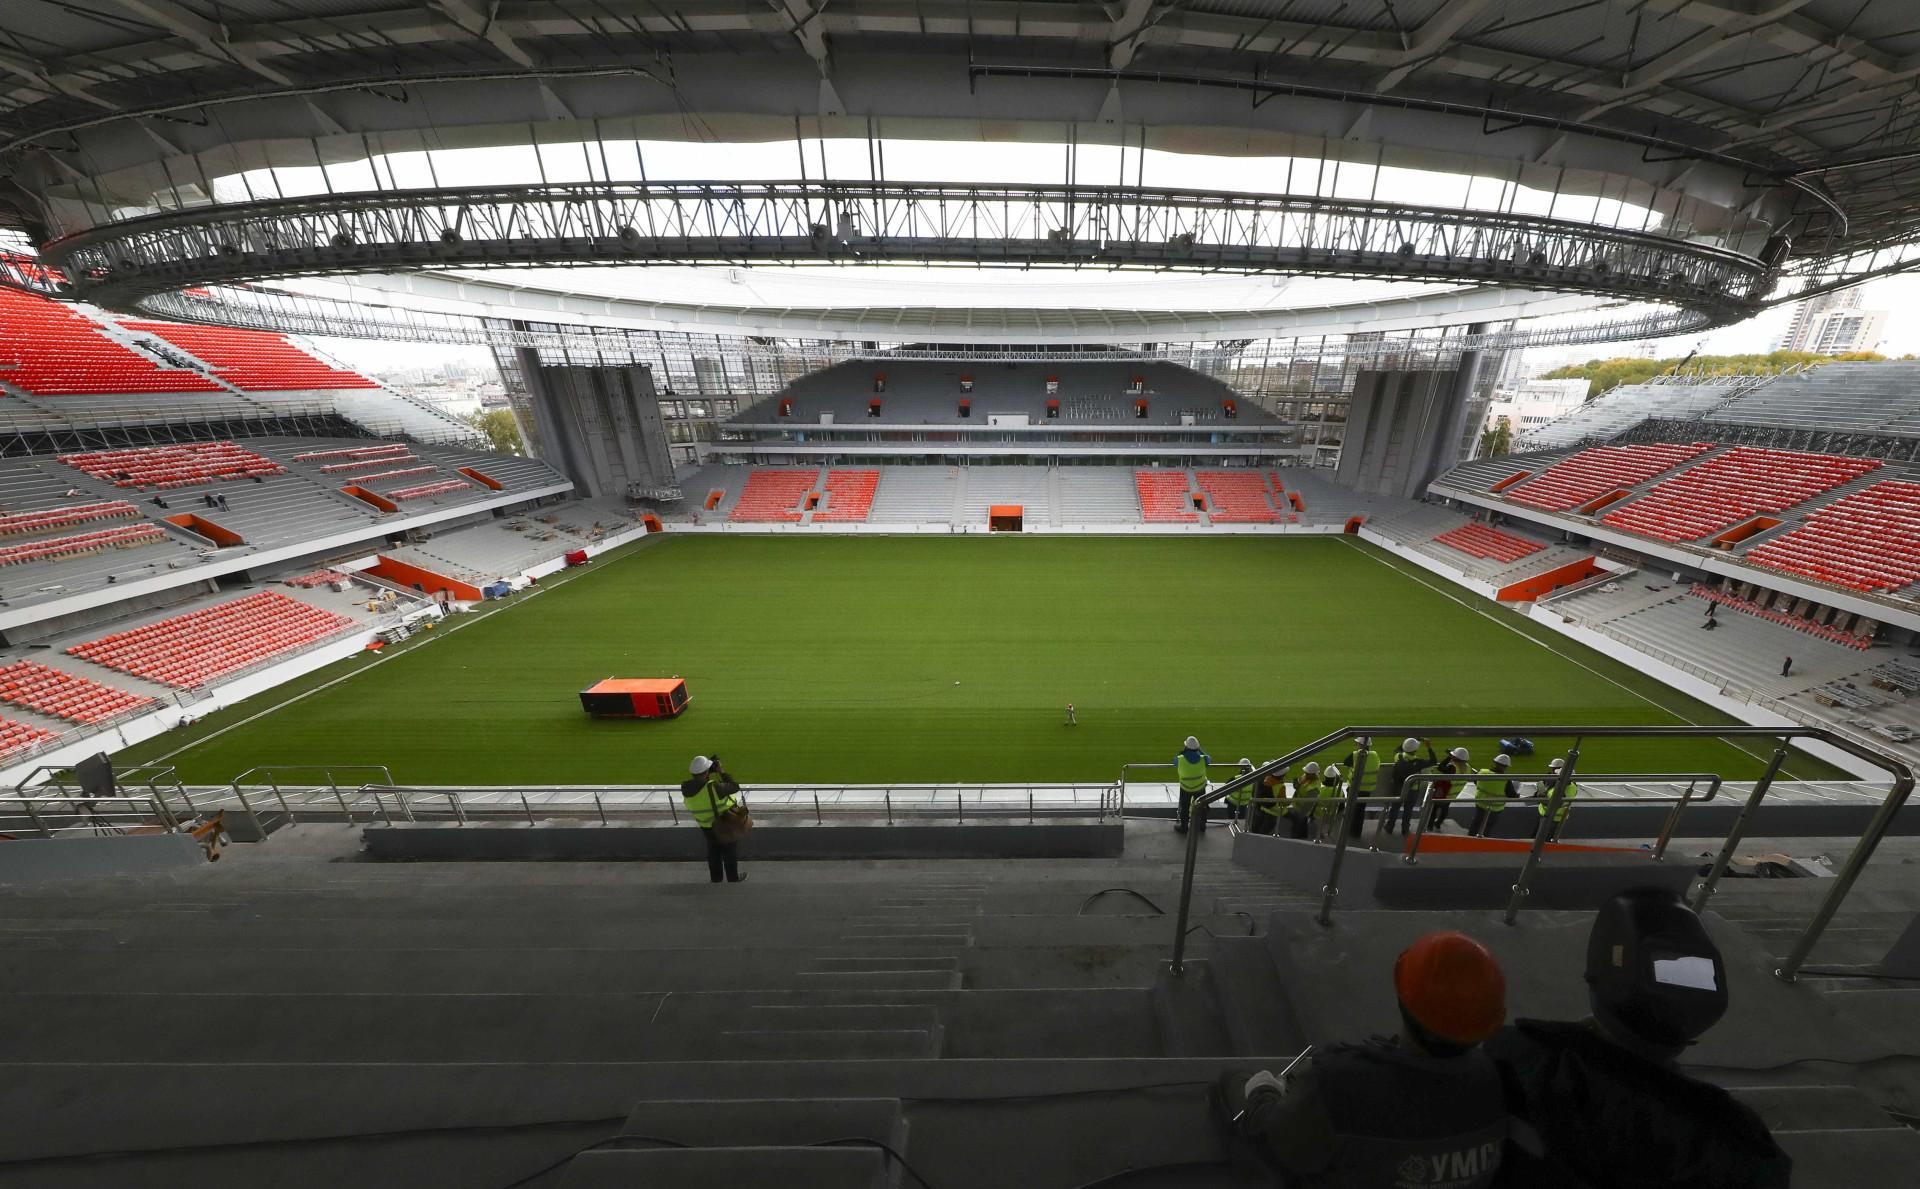 Rússia ainda tem sete estádios em obras a cem dias da Copa; veja fotos